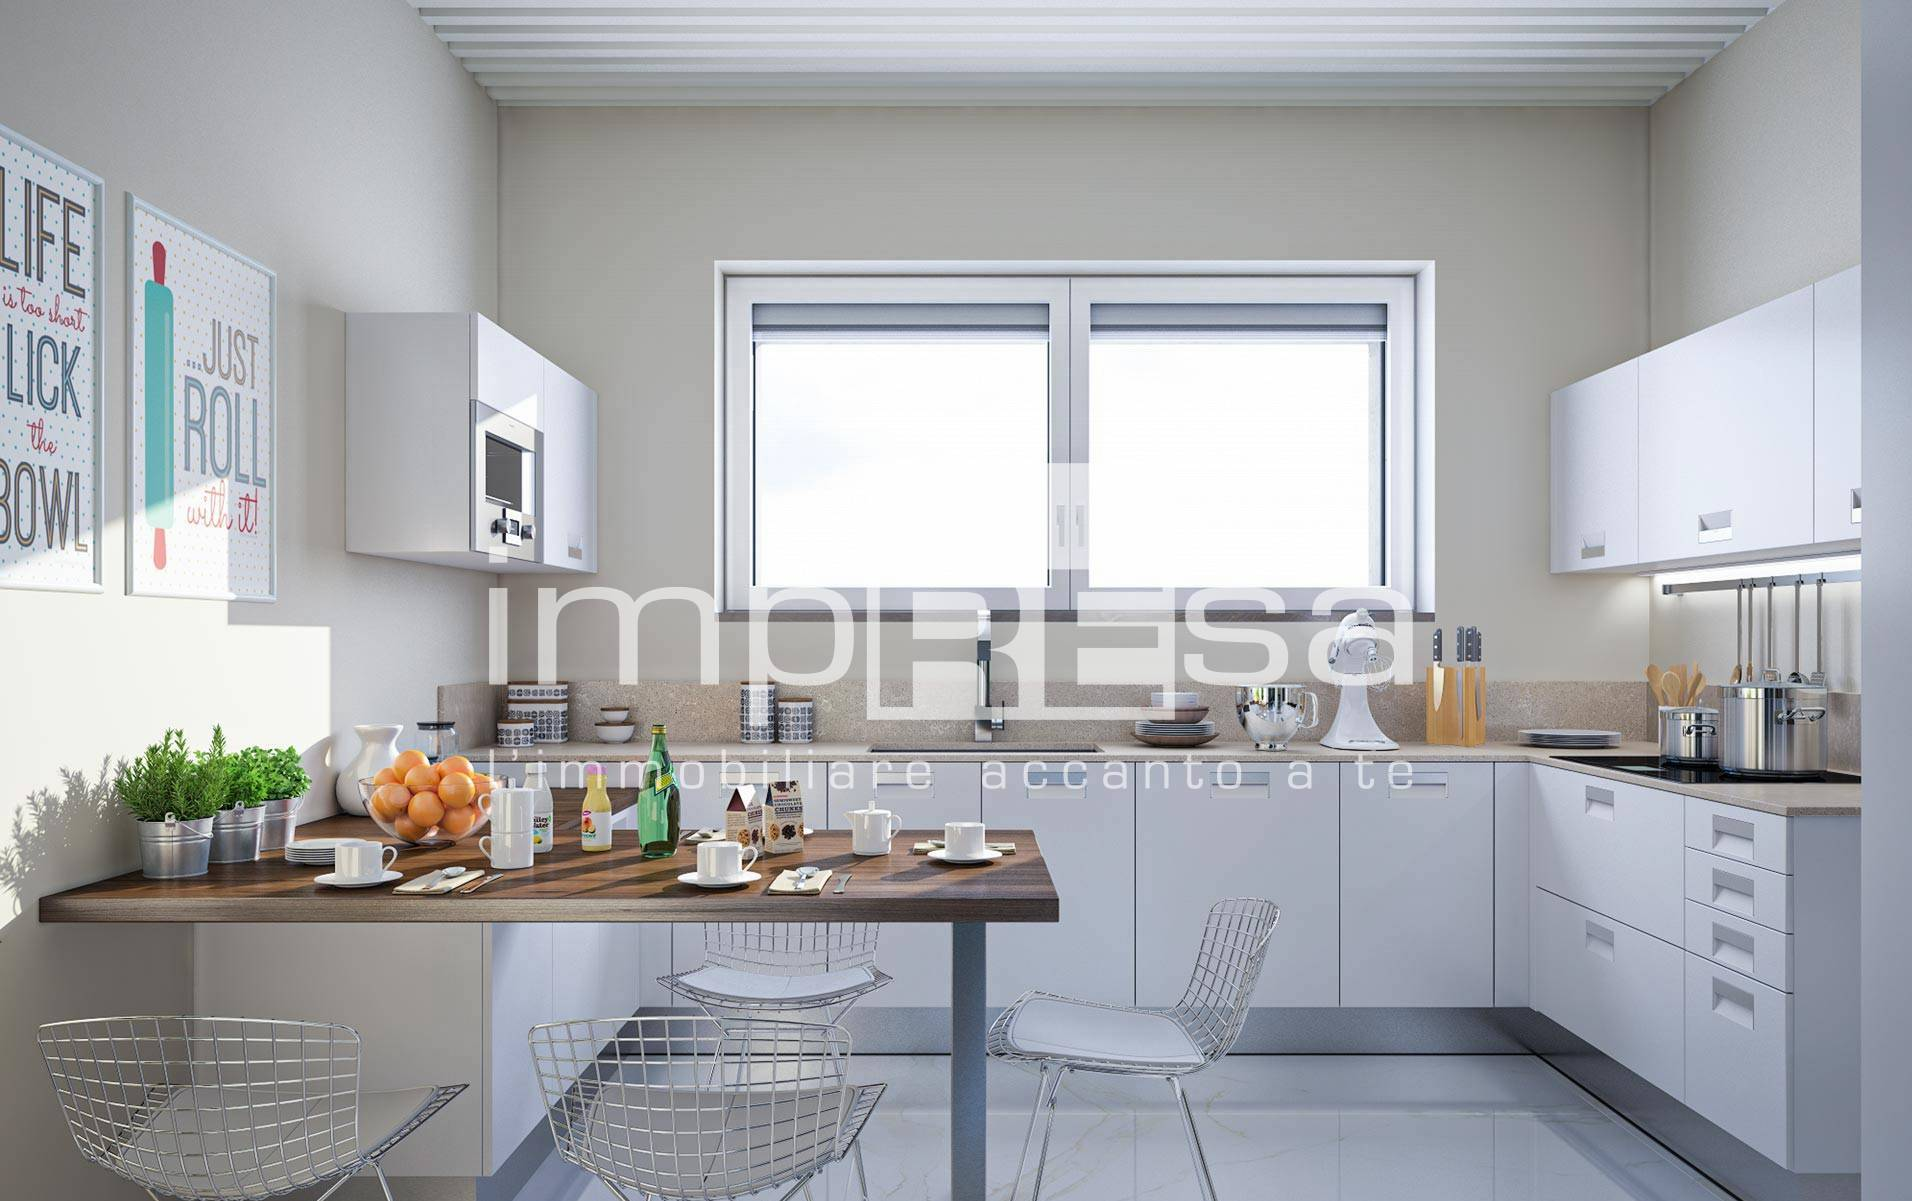 Appartamento in vendita a Salgareda, 6 locali, zona Zona: Campodipietra, prezzo € 90.000 | CambioCasa.it